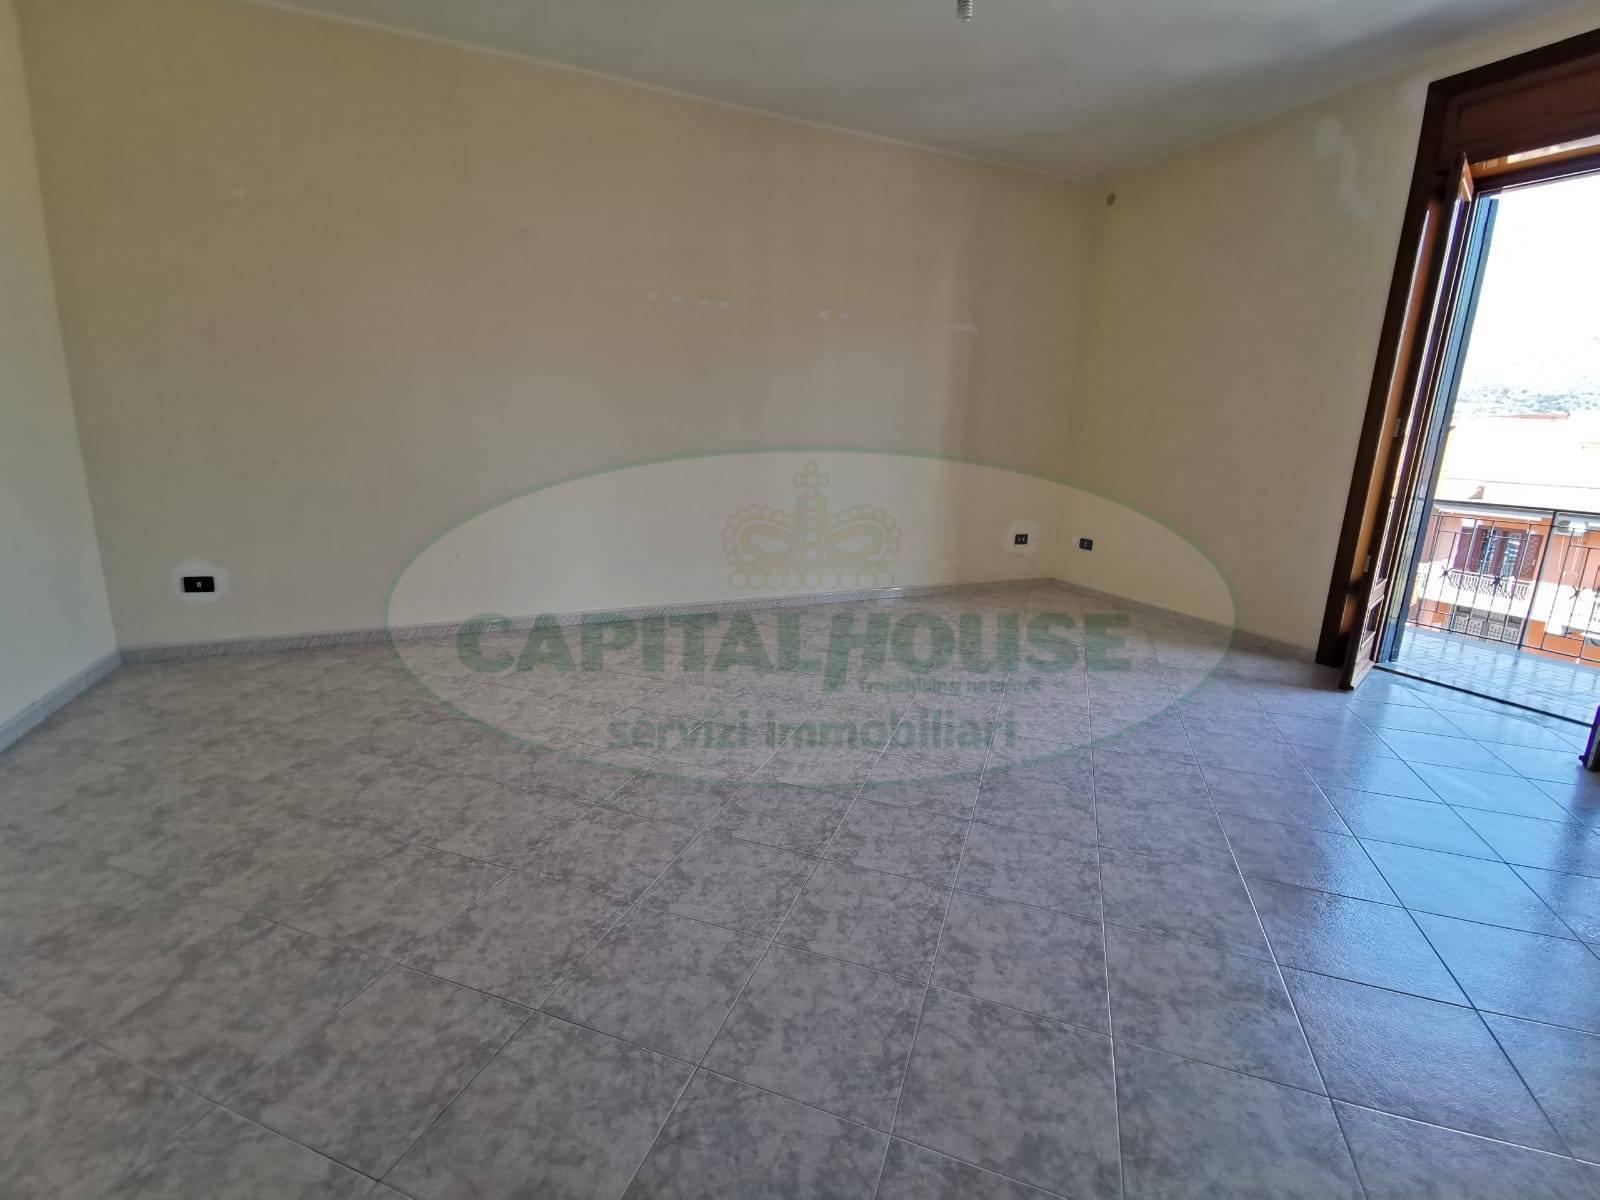 Appartamento in affitto a Cicciano, 3 locali, prezzo € 380   CambioCasa.it